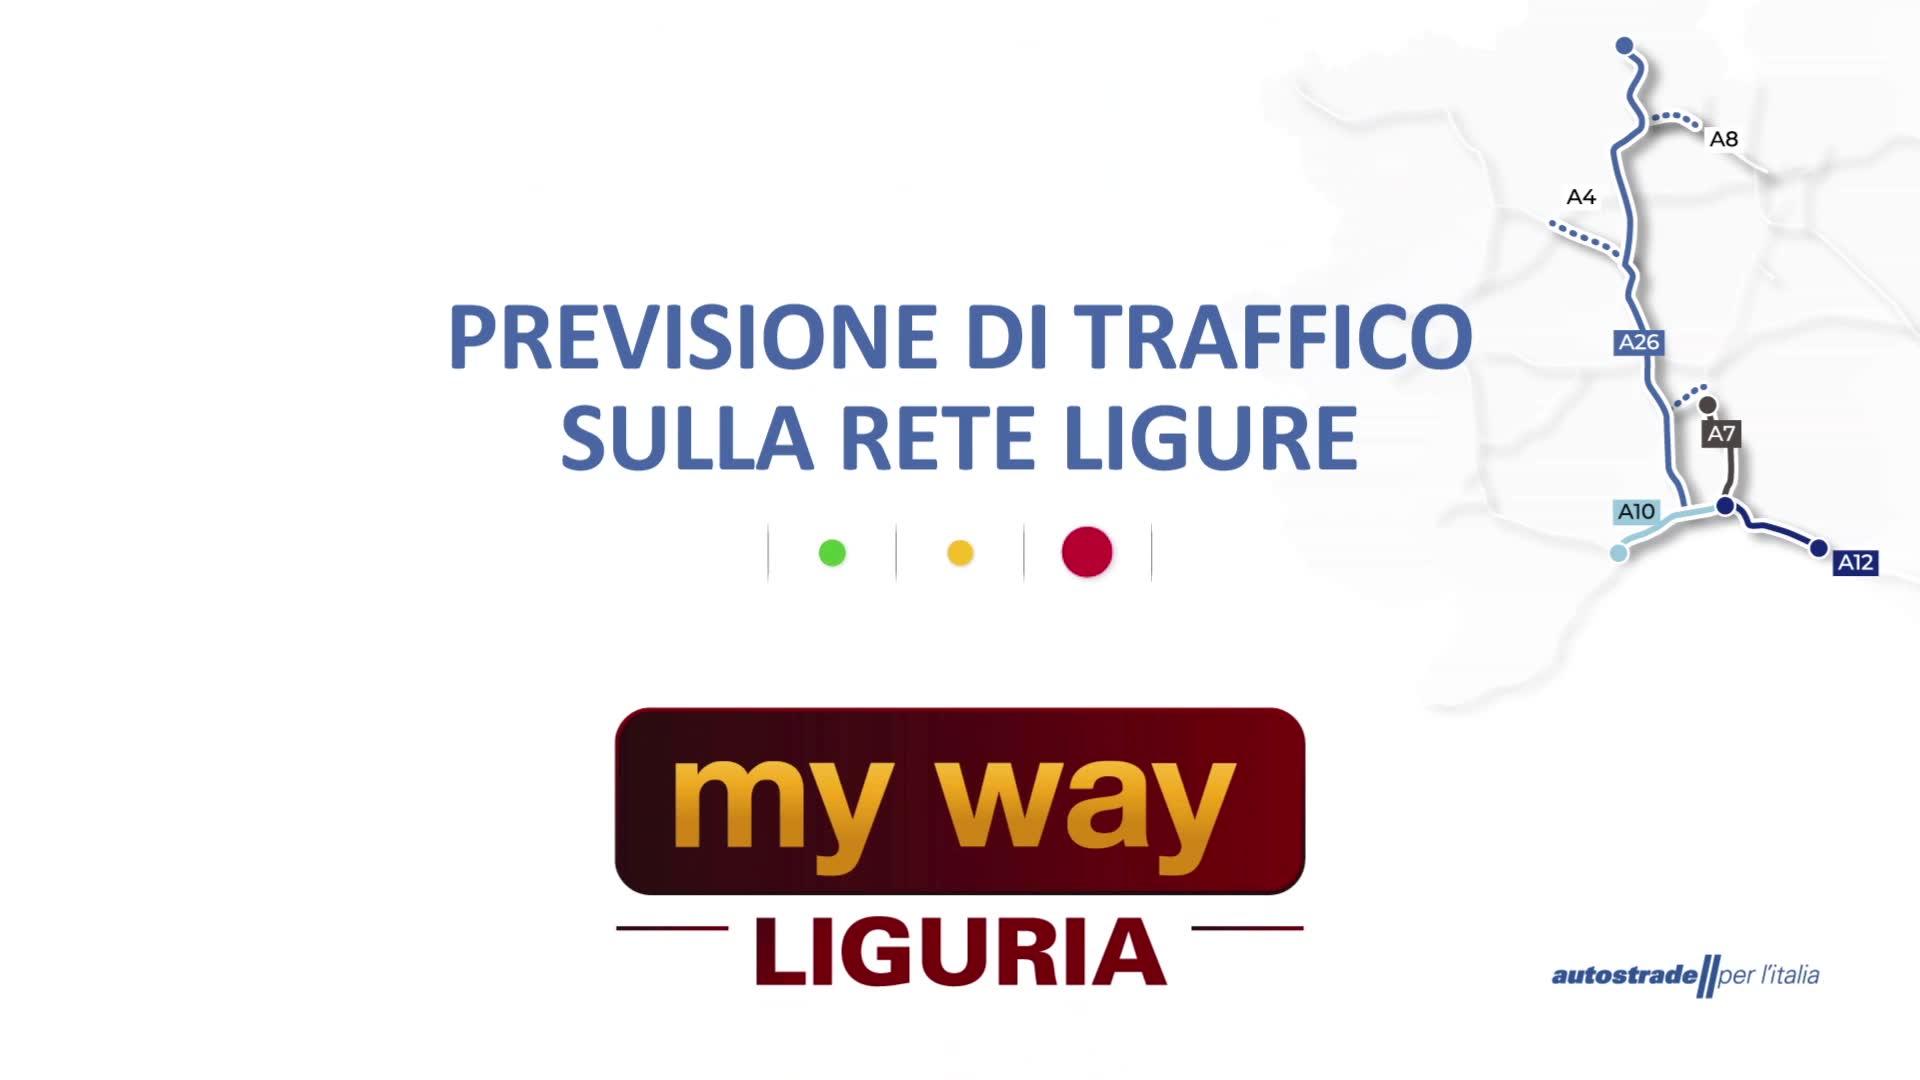 Le previsioni del traffico sulle autostrade liguri per martedì 26 ottobre